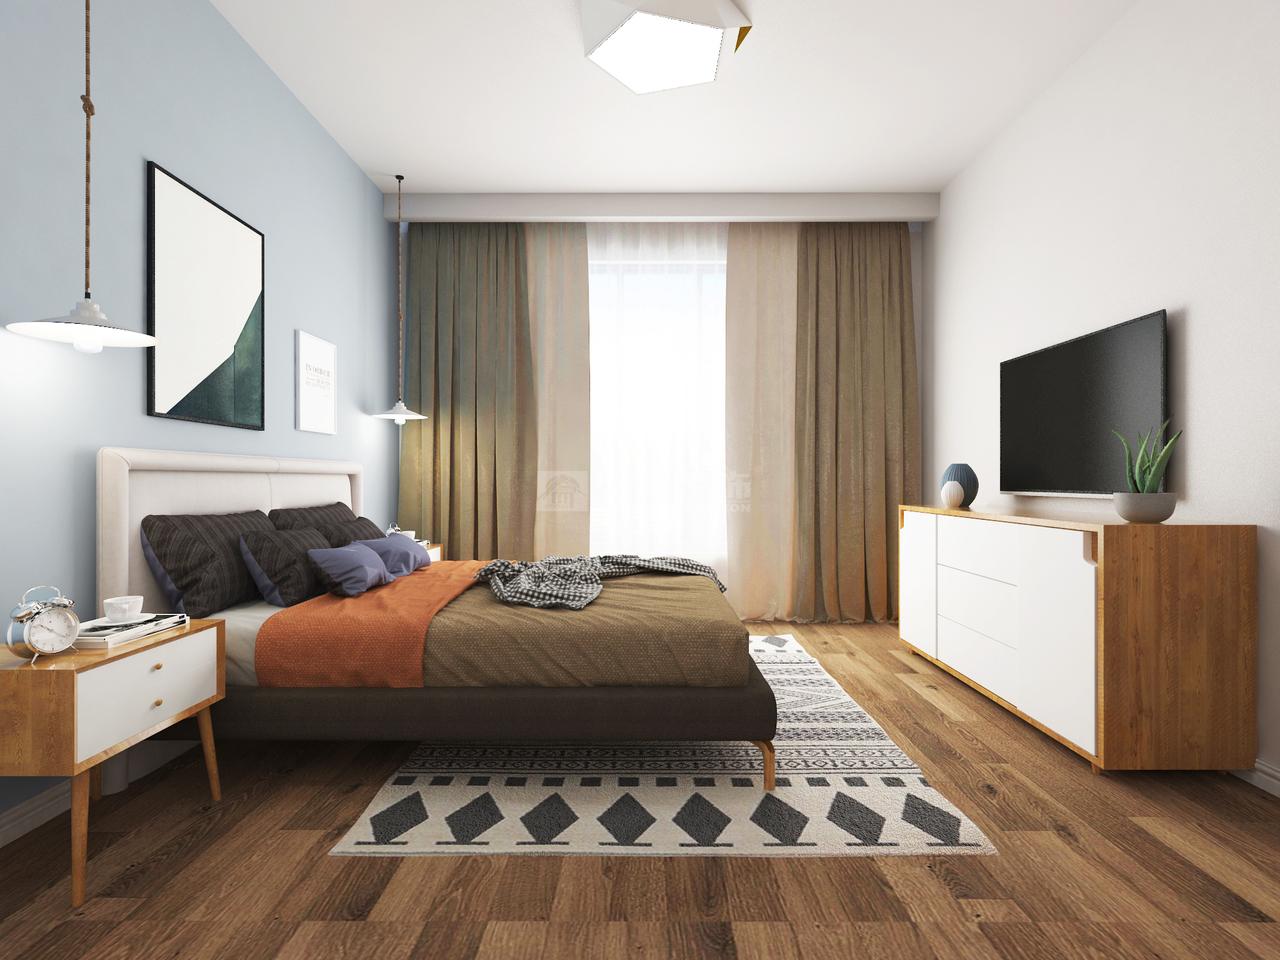 美的林城时代A简约,简约,三居室,120.0㎡